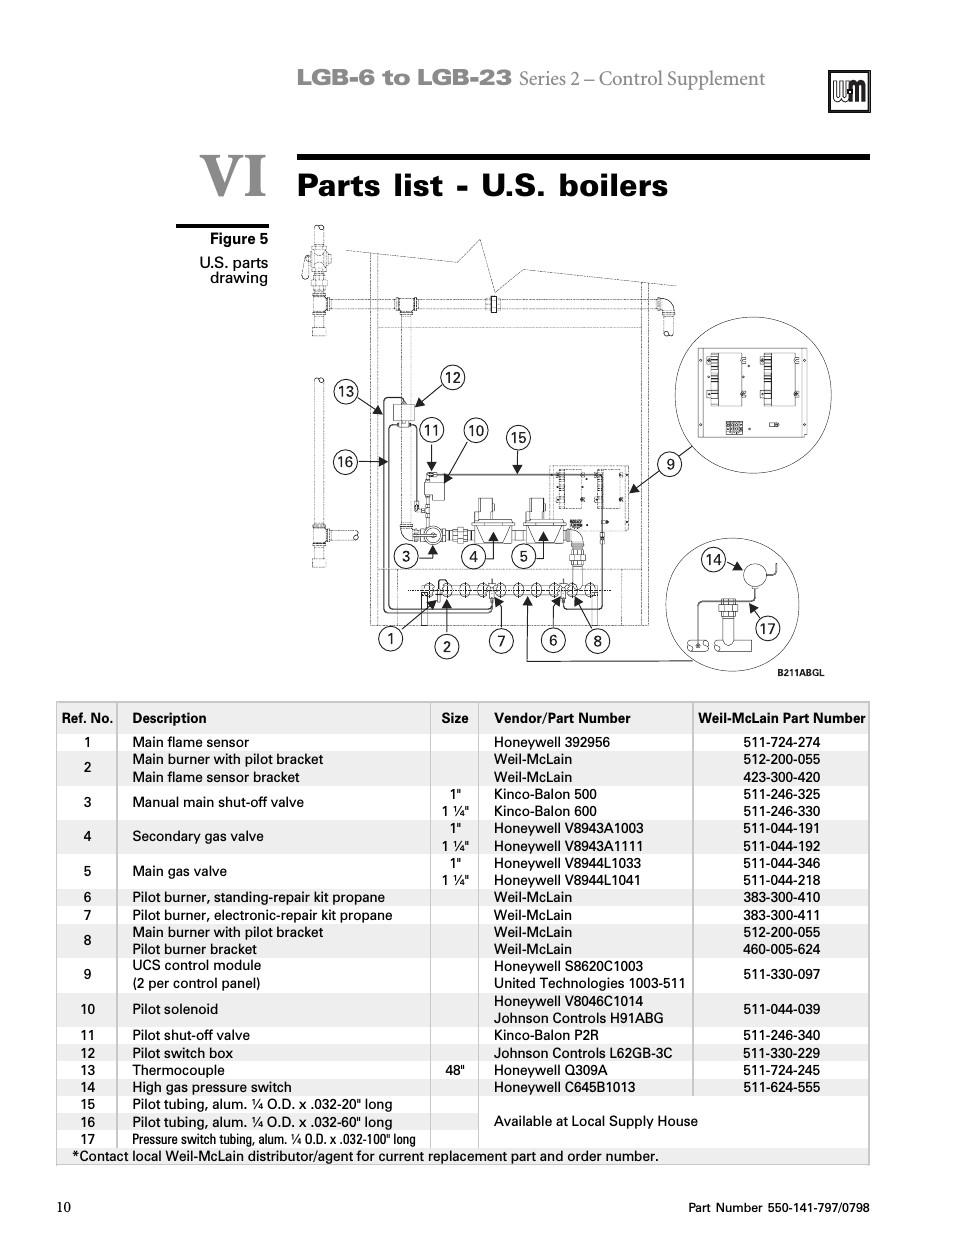 vi parts list u s parts list u s boilers lgb 6 to lgb 23 weil mclain series 2 lgb 7 user manual page 9 11